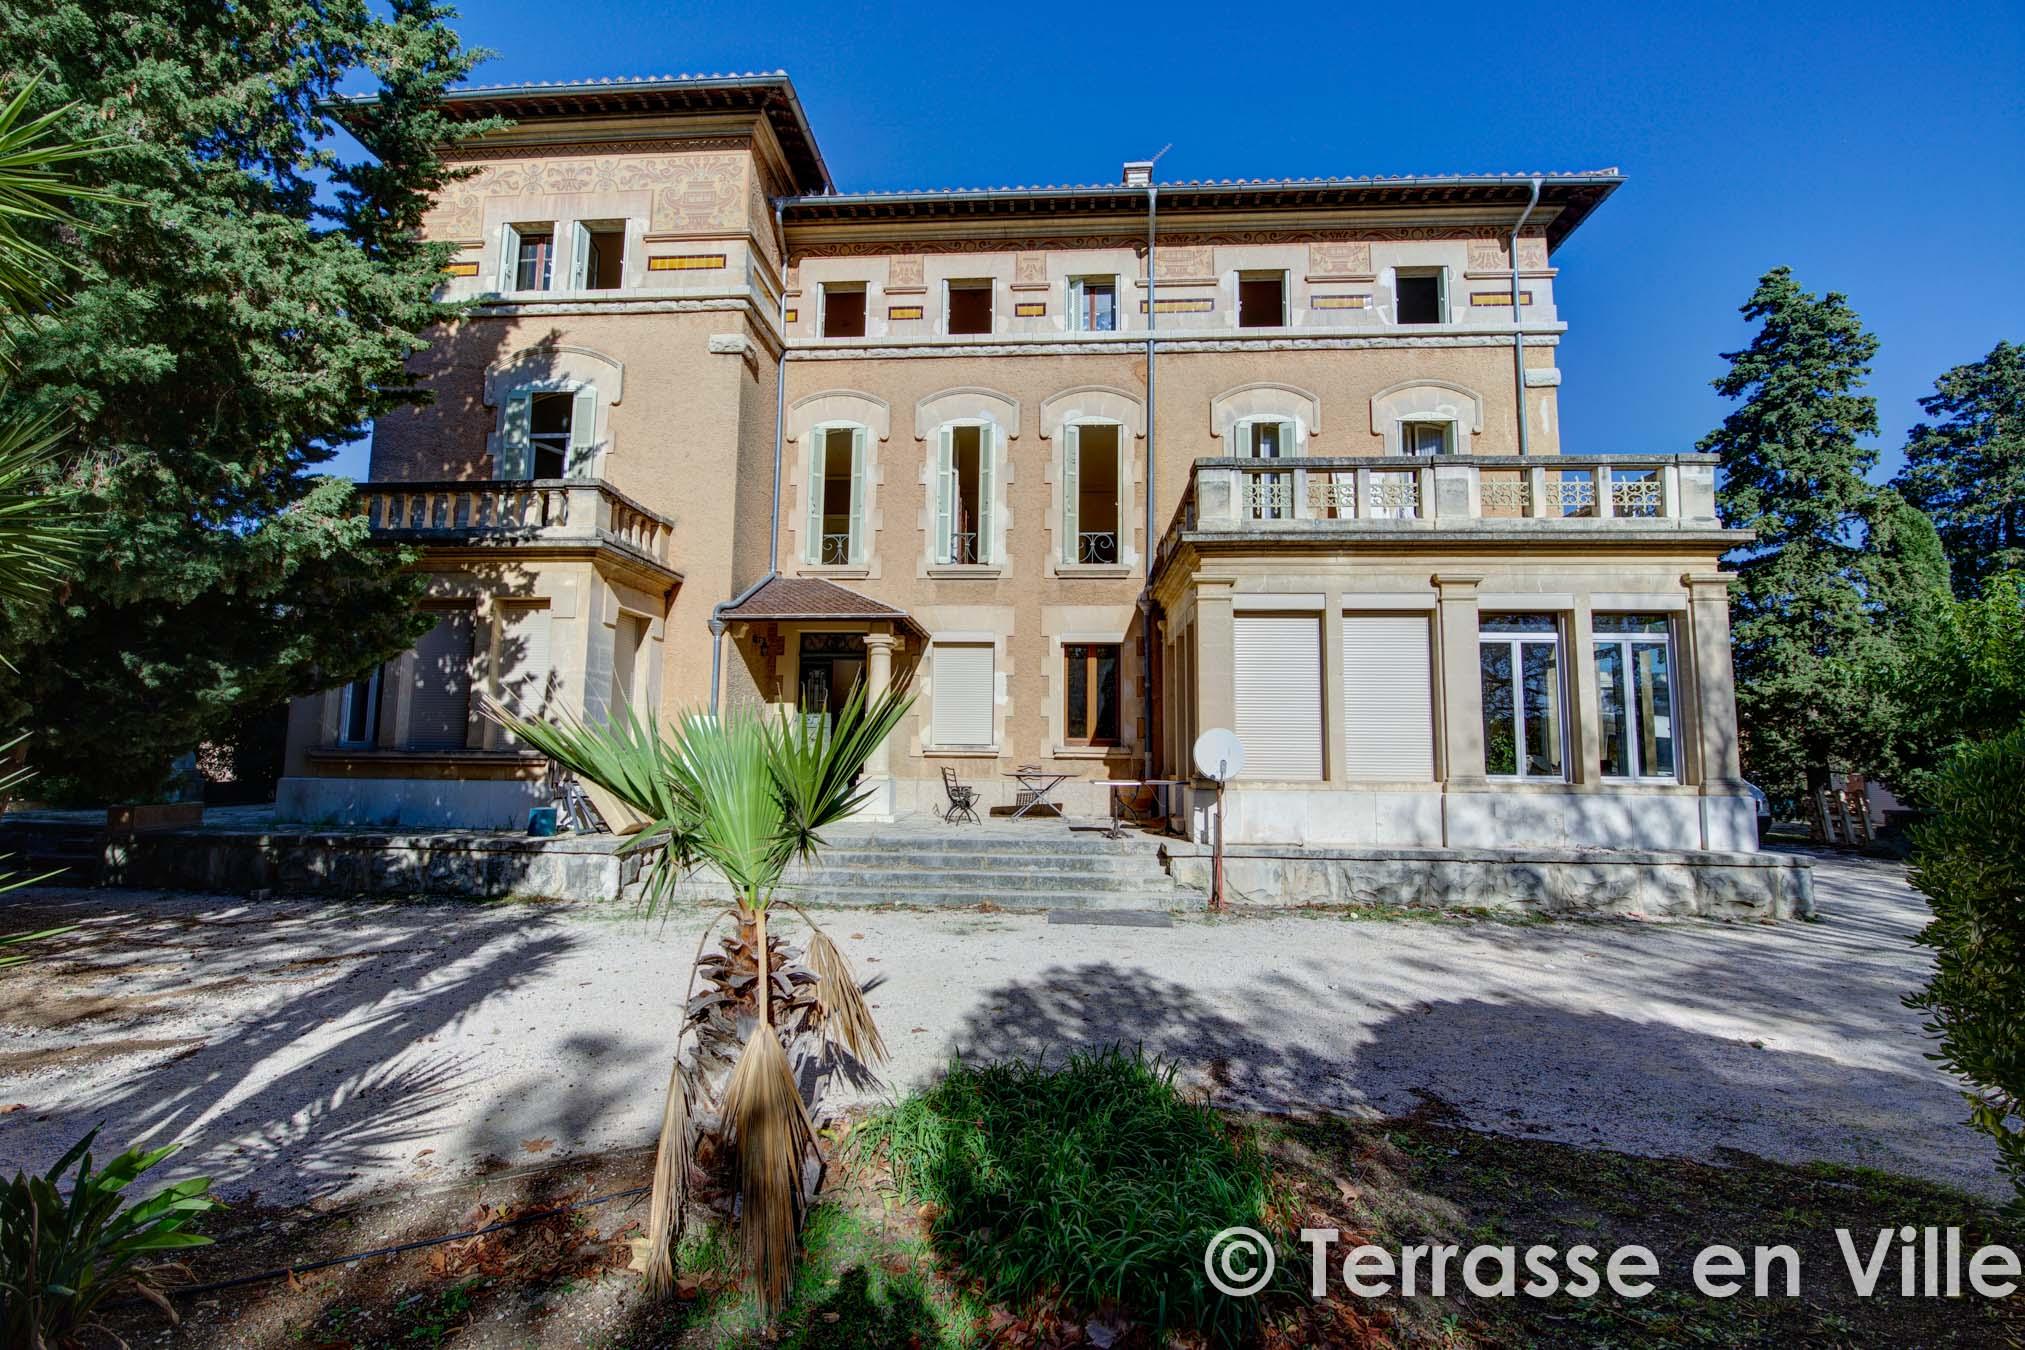 Sous compromis LA CIOTAT – T3 – 95 m2 – JARDIN 200 m2 – PARKING – VUE MER – 299 000 €